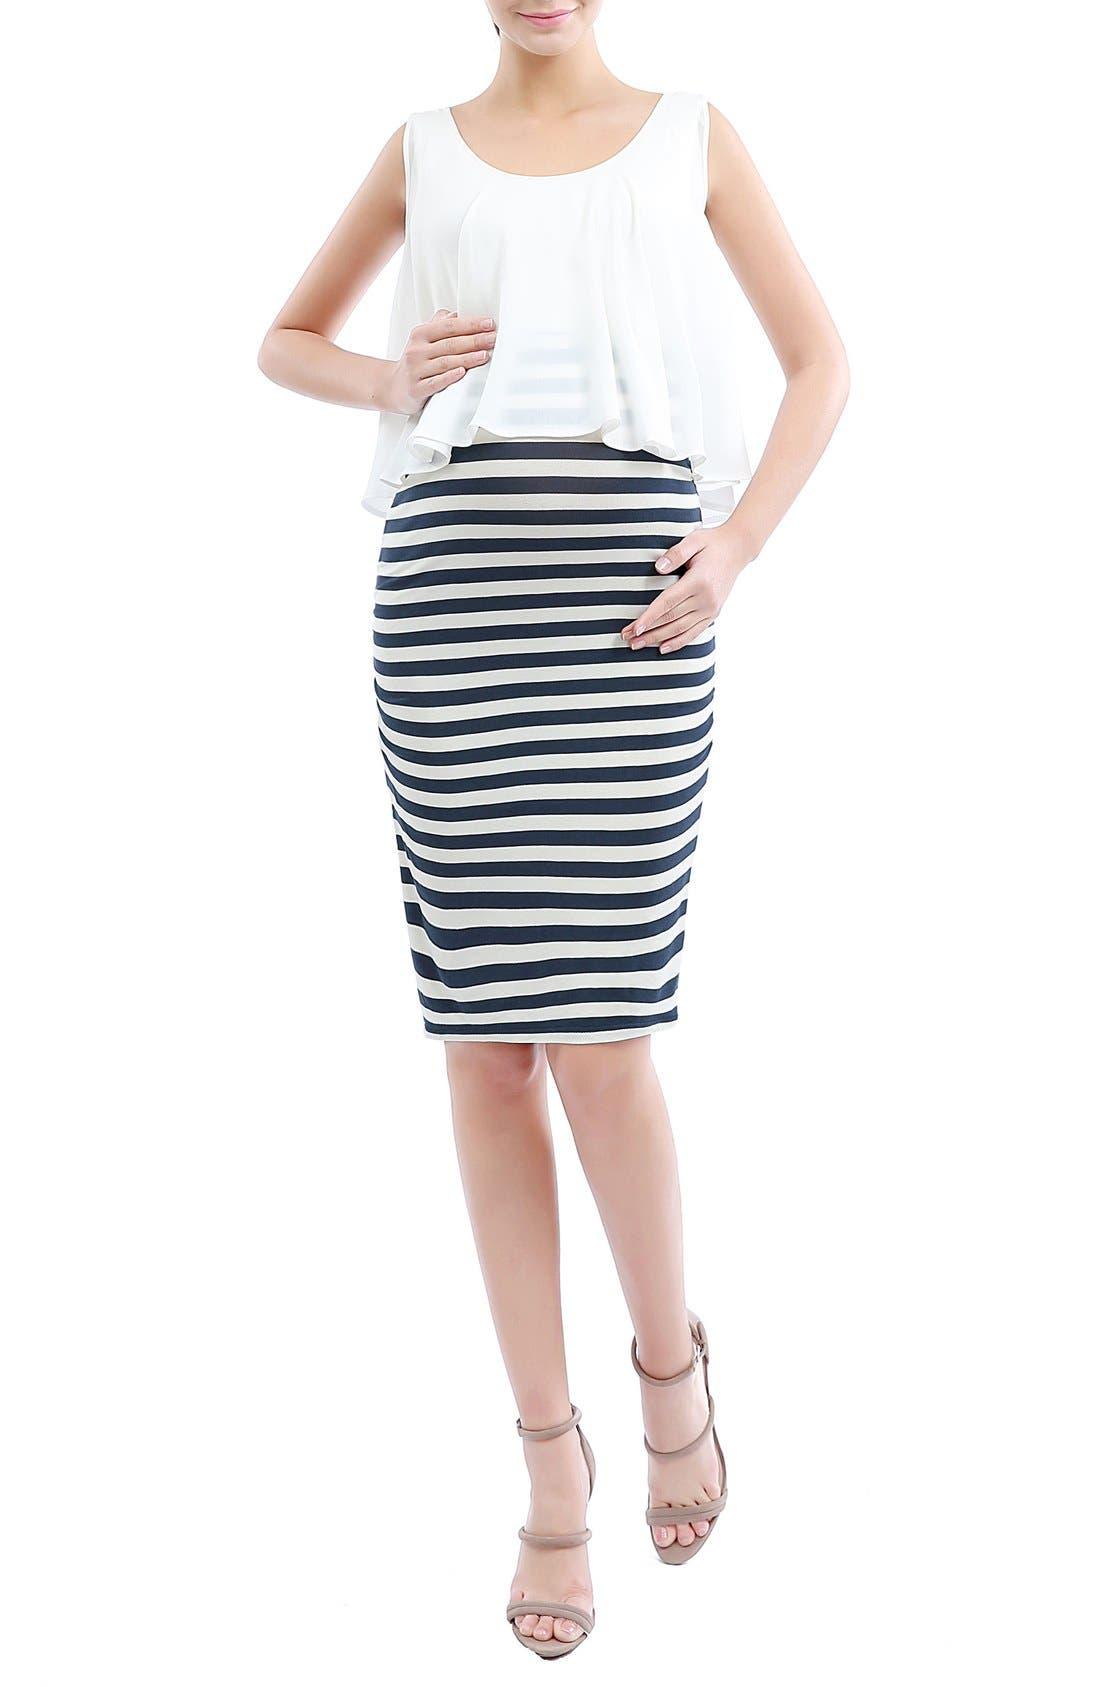 'Anastasia' Popover Maternity Dress,                             Main thumbnail 1, color,                             Navy/ Ivory